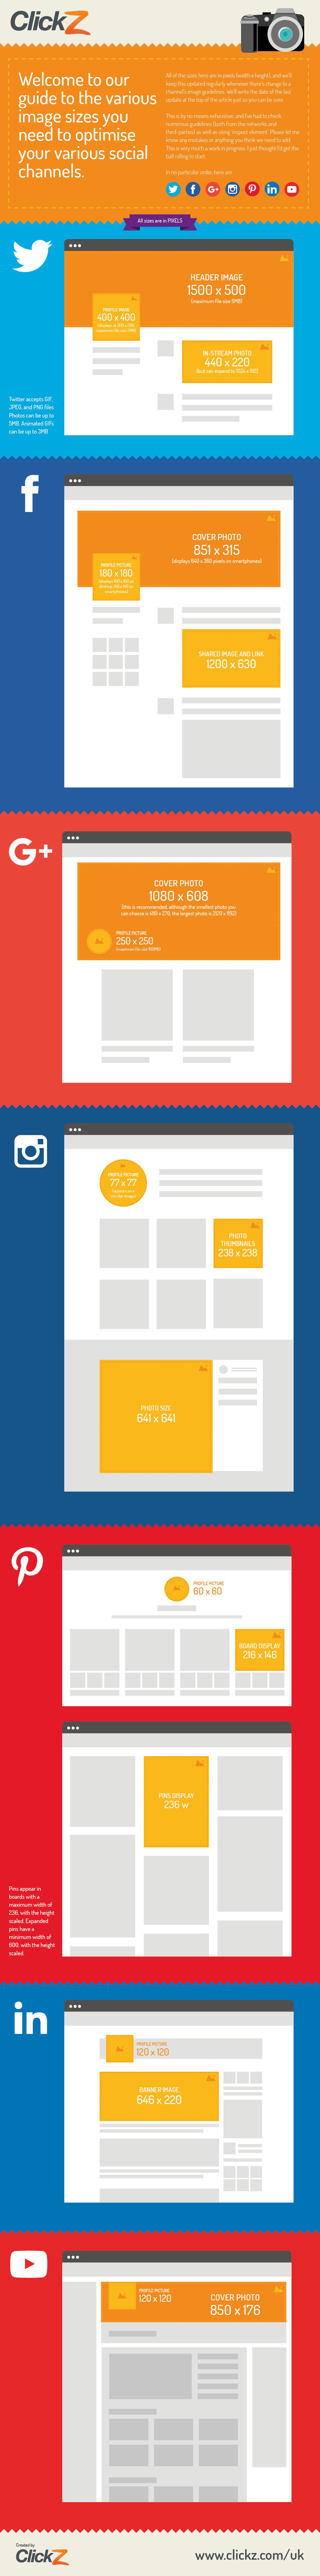 Medidas recomendadas para tus publicaciones en redes sociales